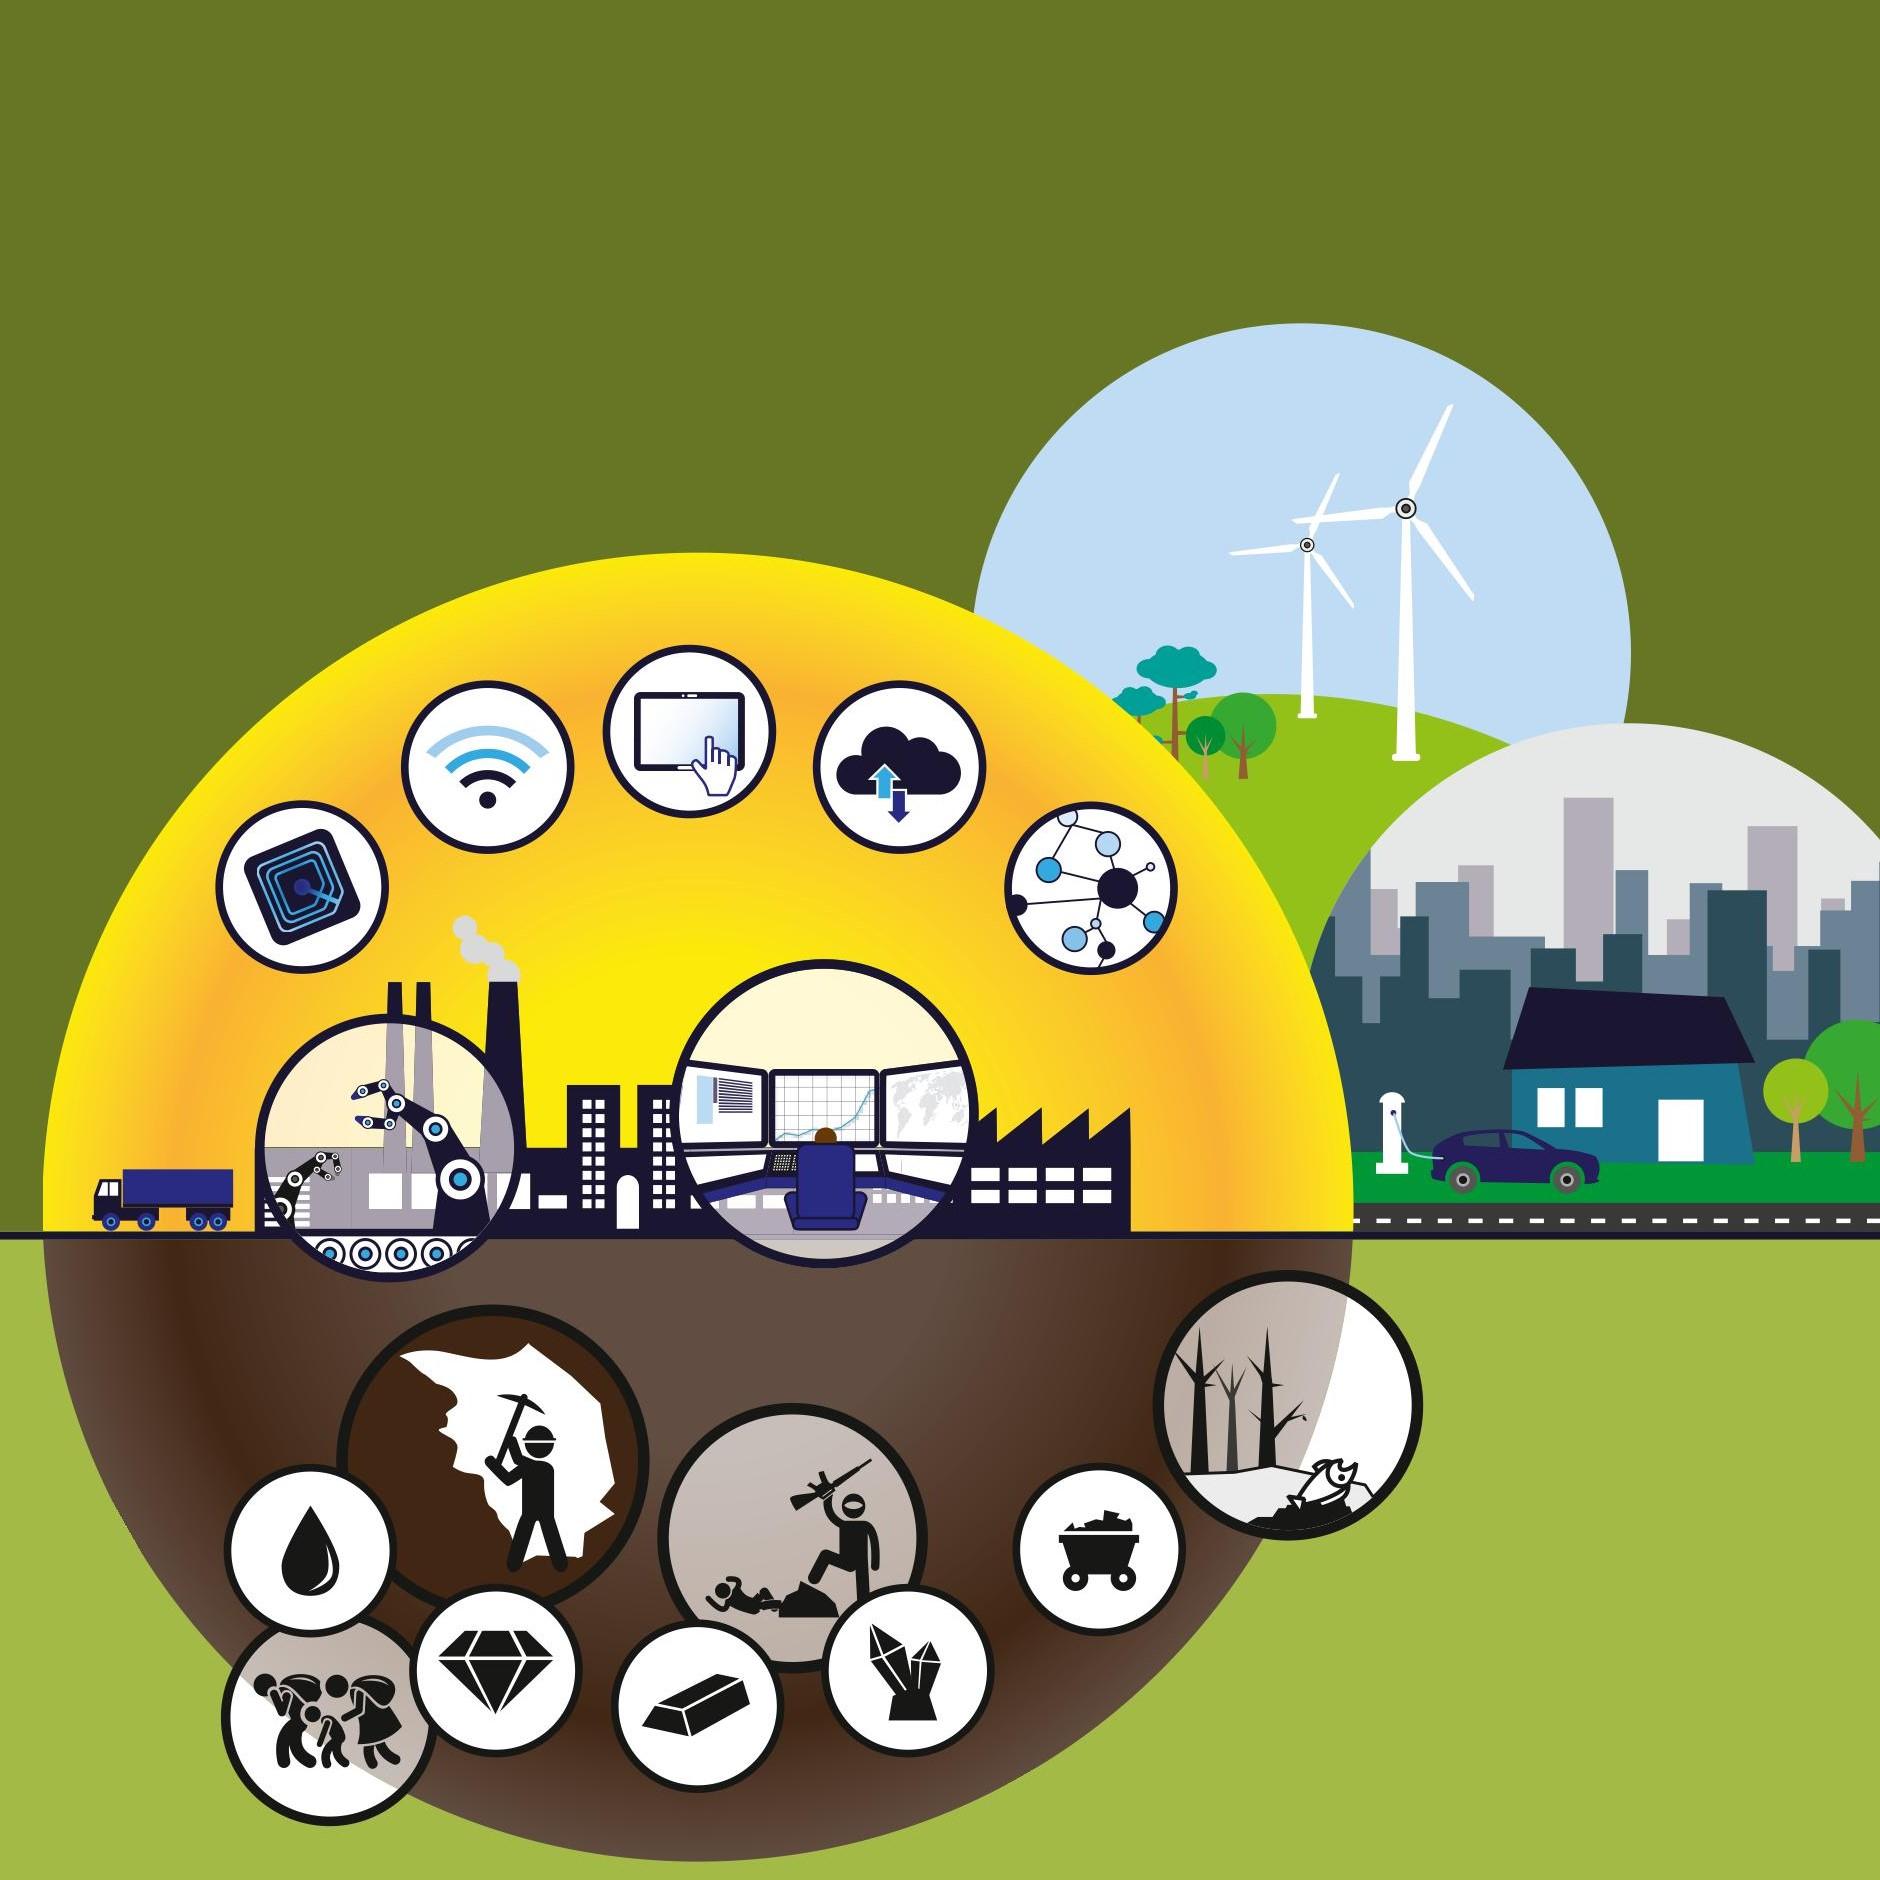 Ressourcenfluch 4.0 (Industrie 4.0 und Rohstoffe)